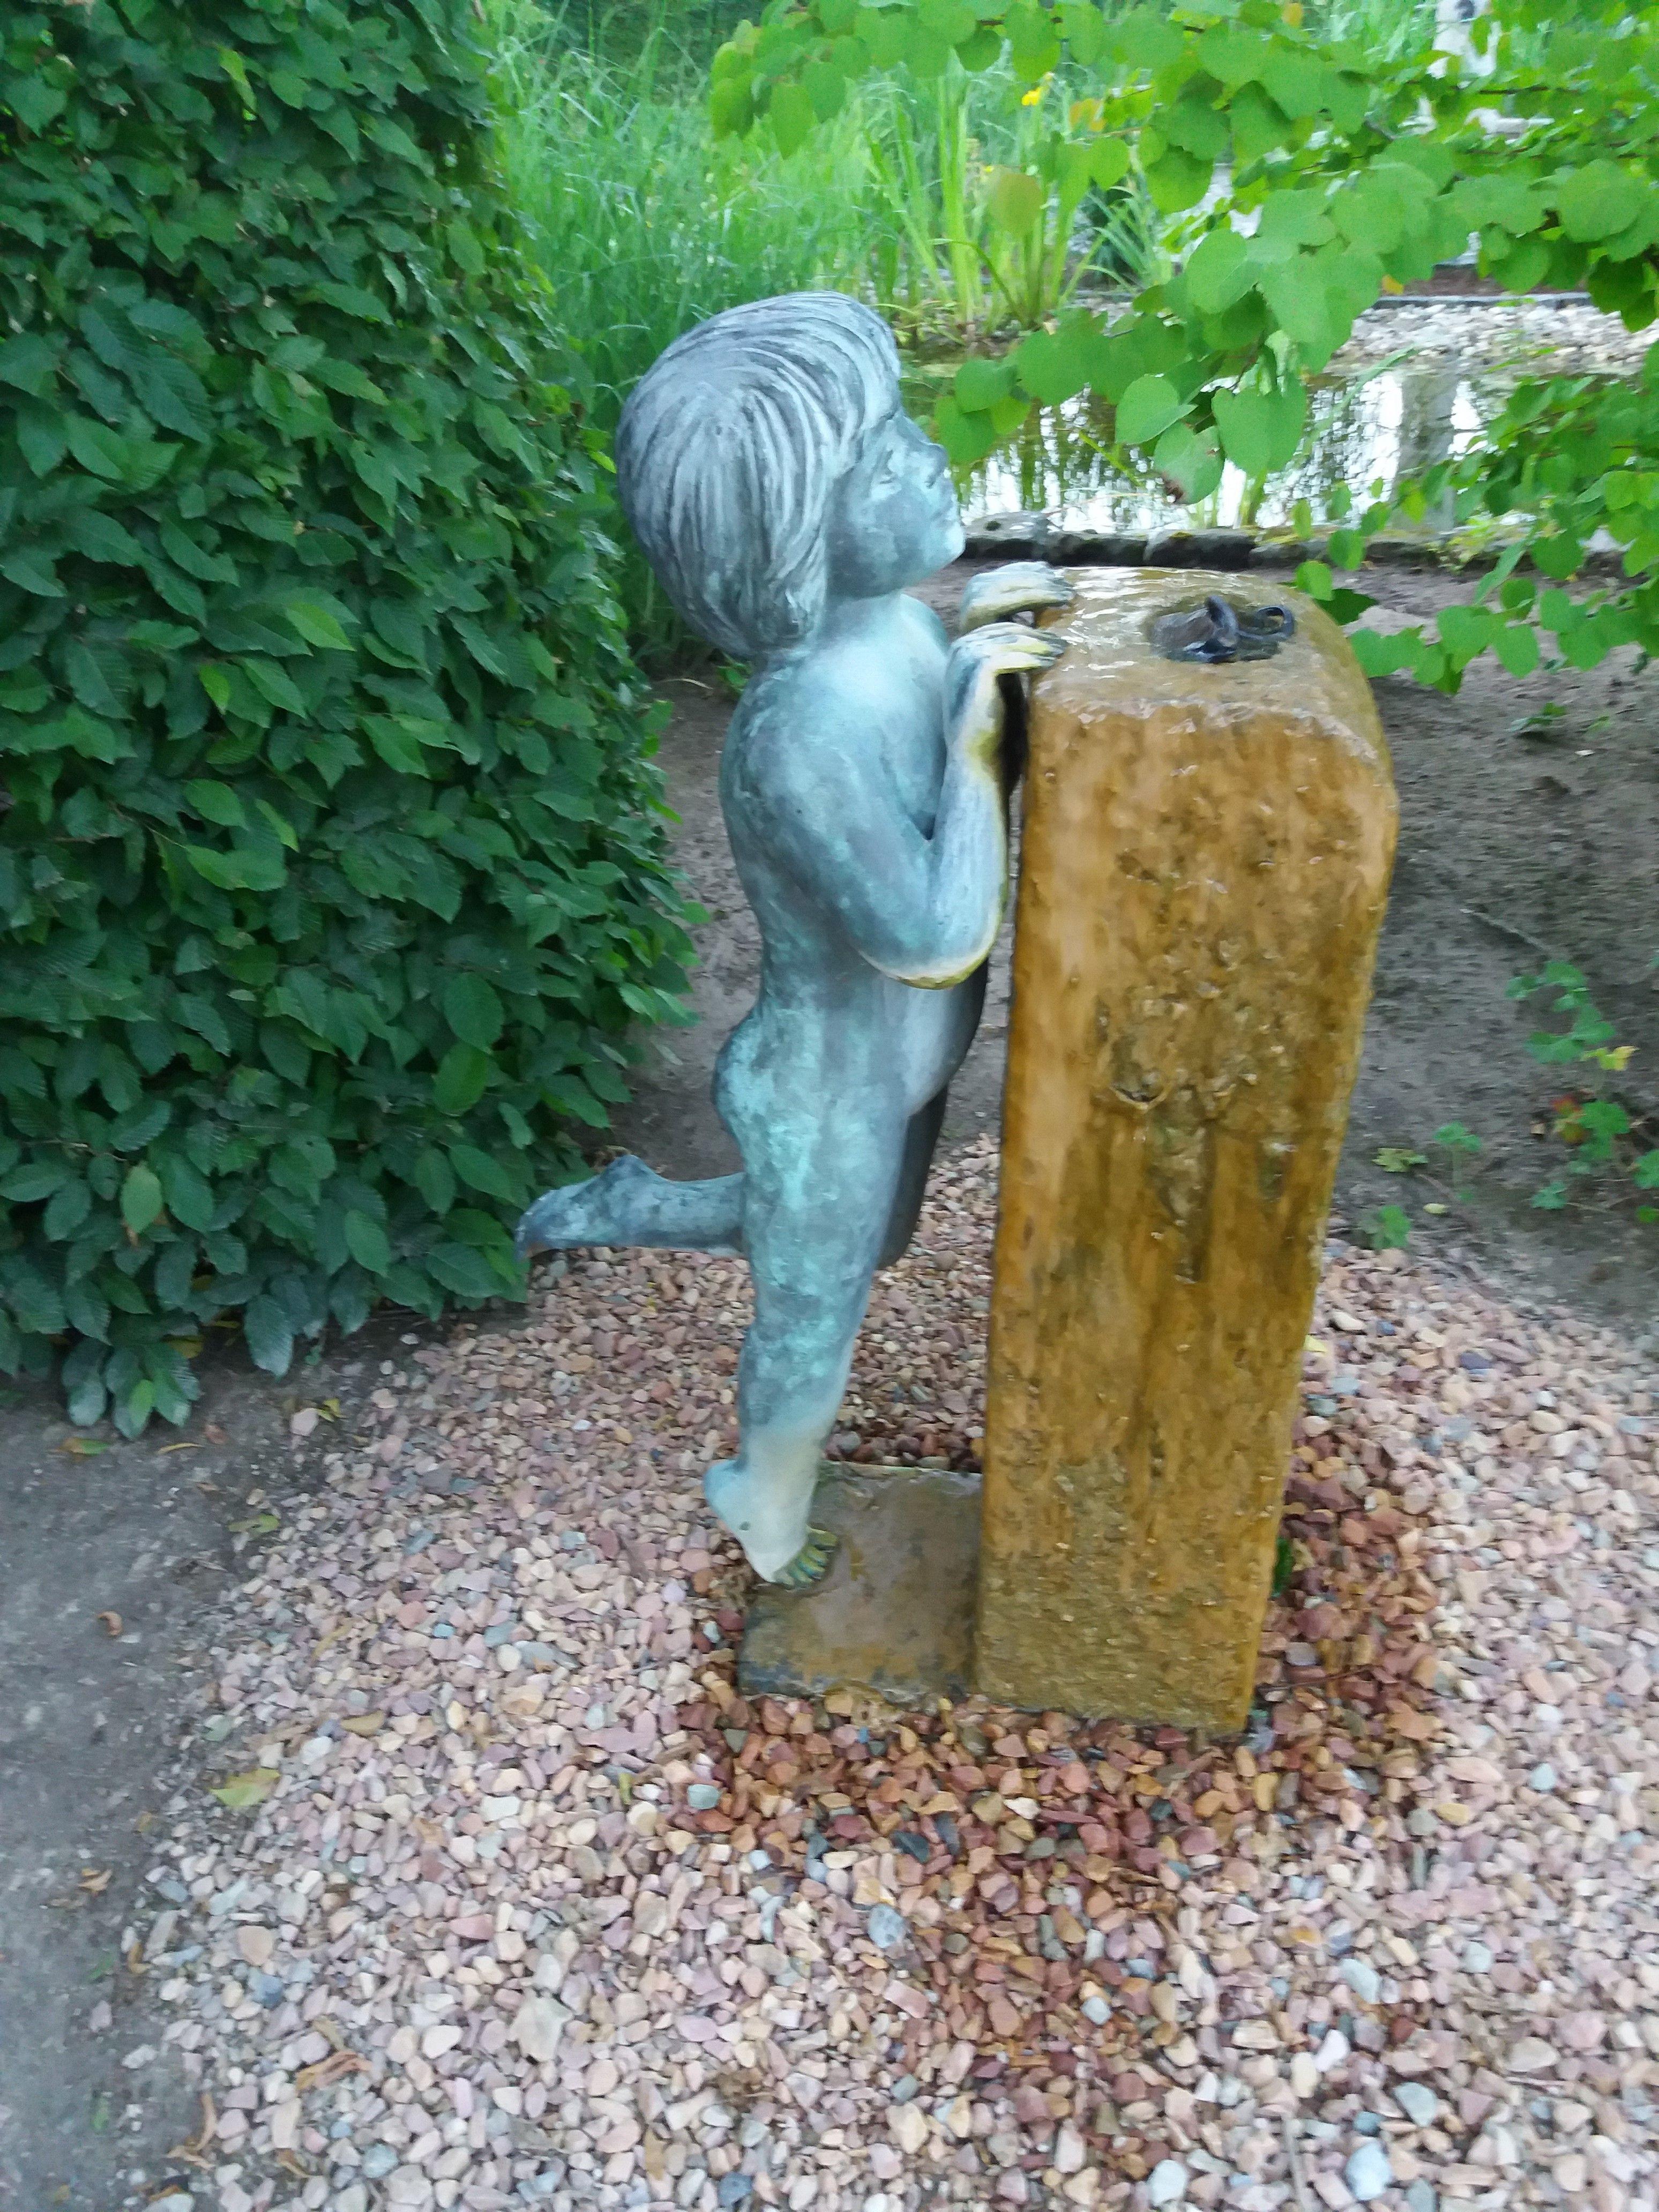 Springbrunnen Im Park Der Garten In Bad Zwischenahn In Deutschland Garten Gartendekoration Gartenkunst Fi Gartenkunst Springbrunnen Gartendekoration